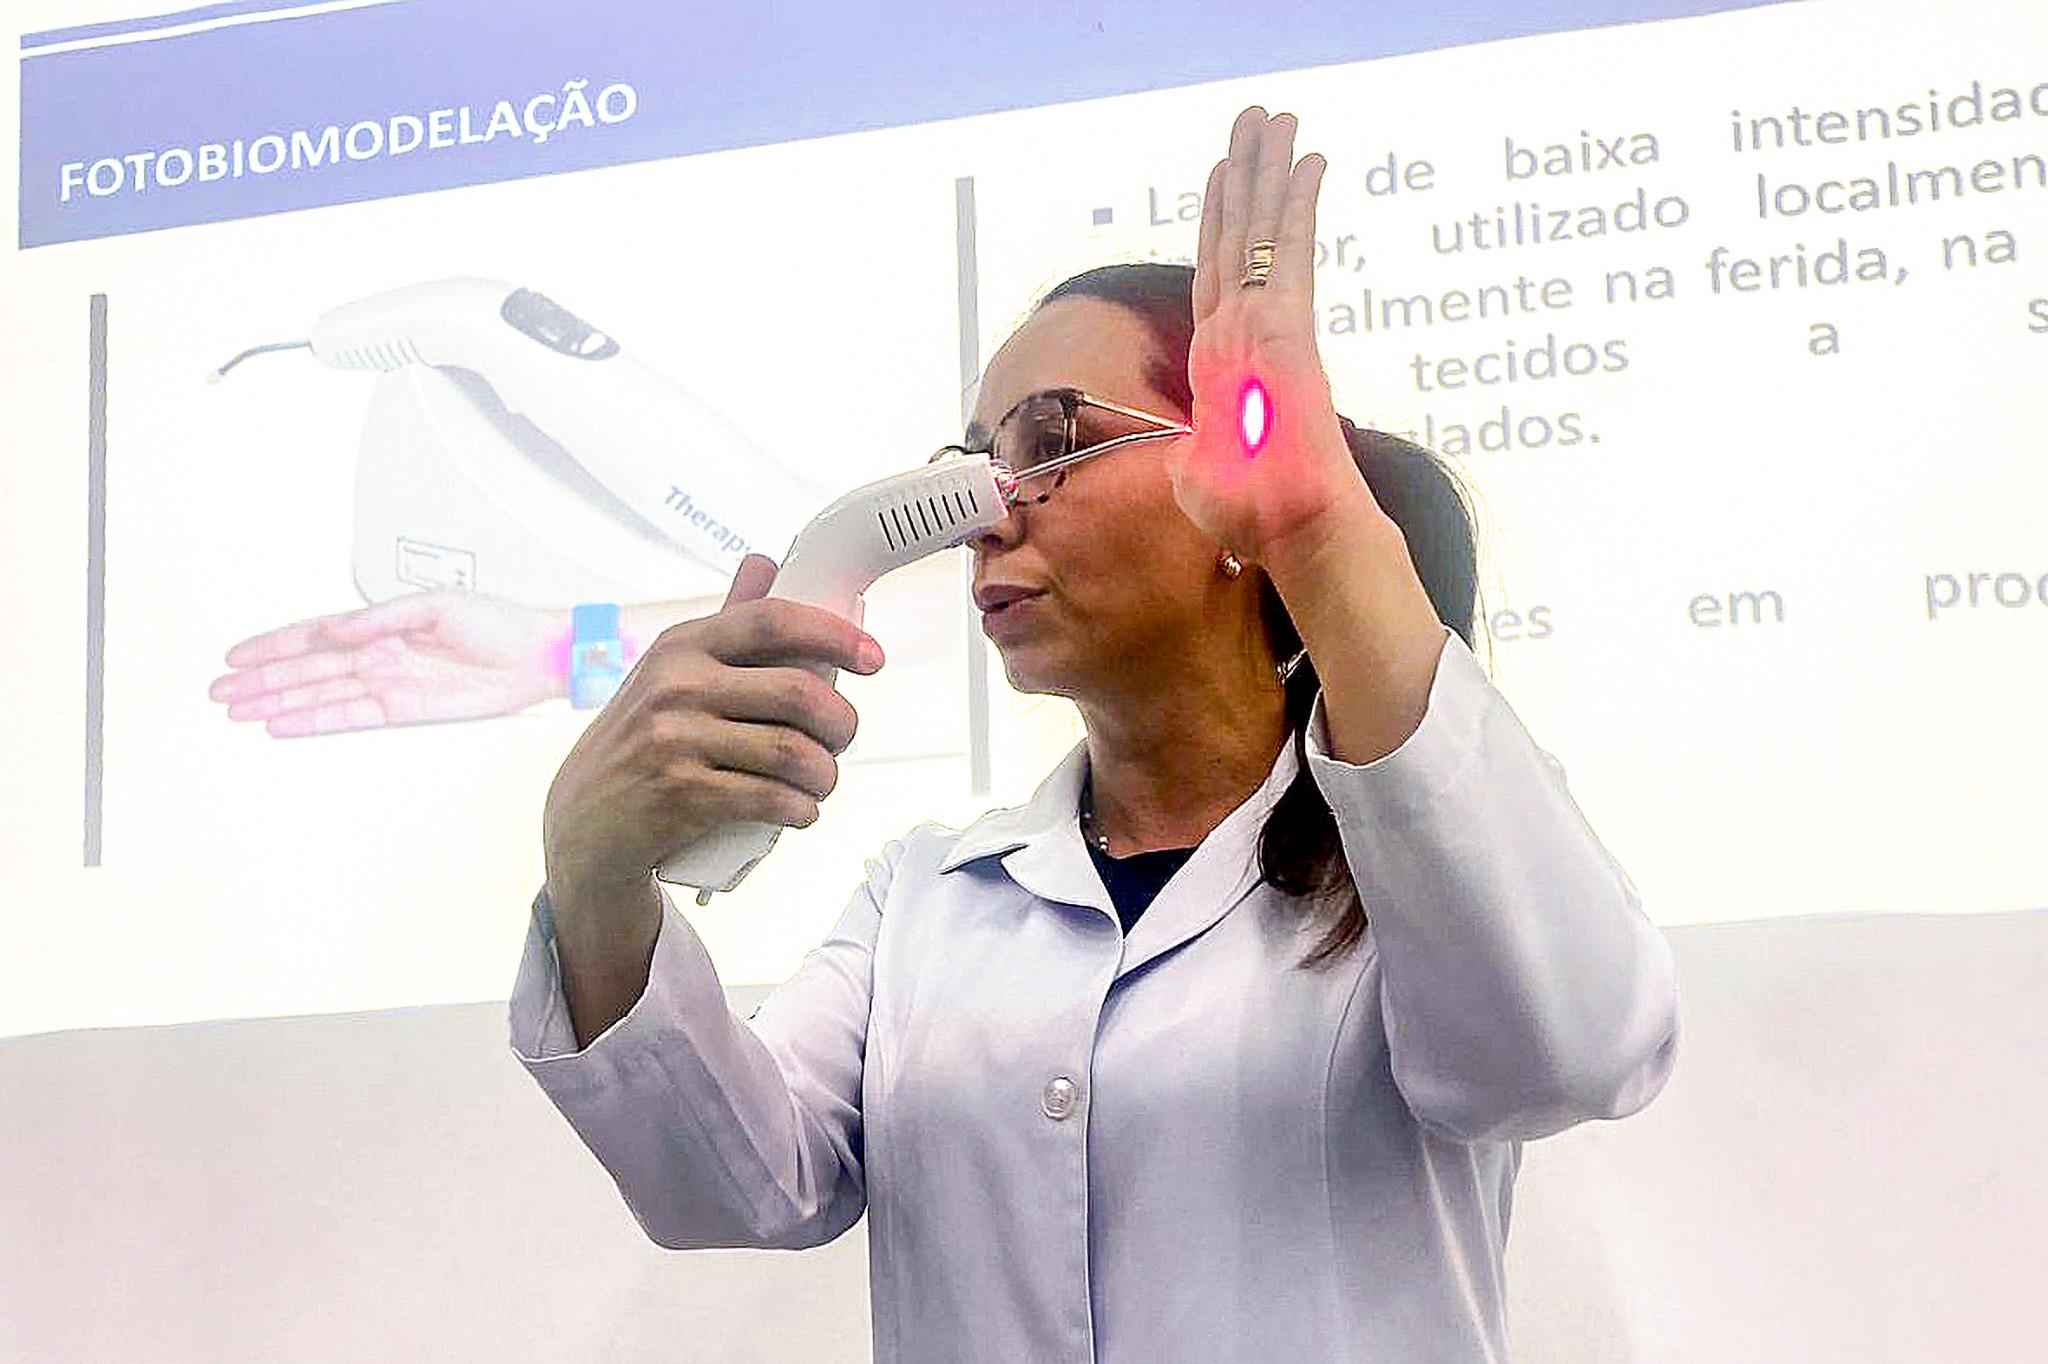 Laserterapia é tema de aula especial de Enfermagem na Unifeob